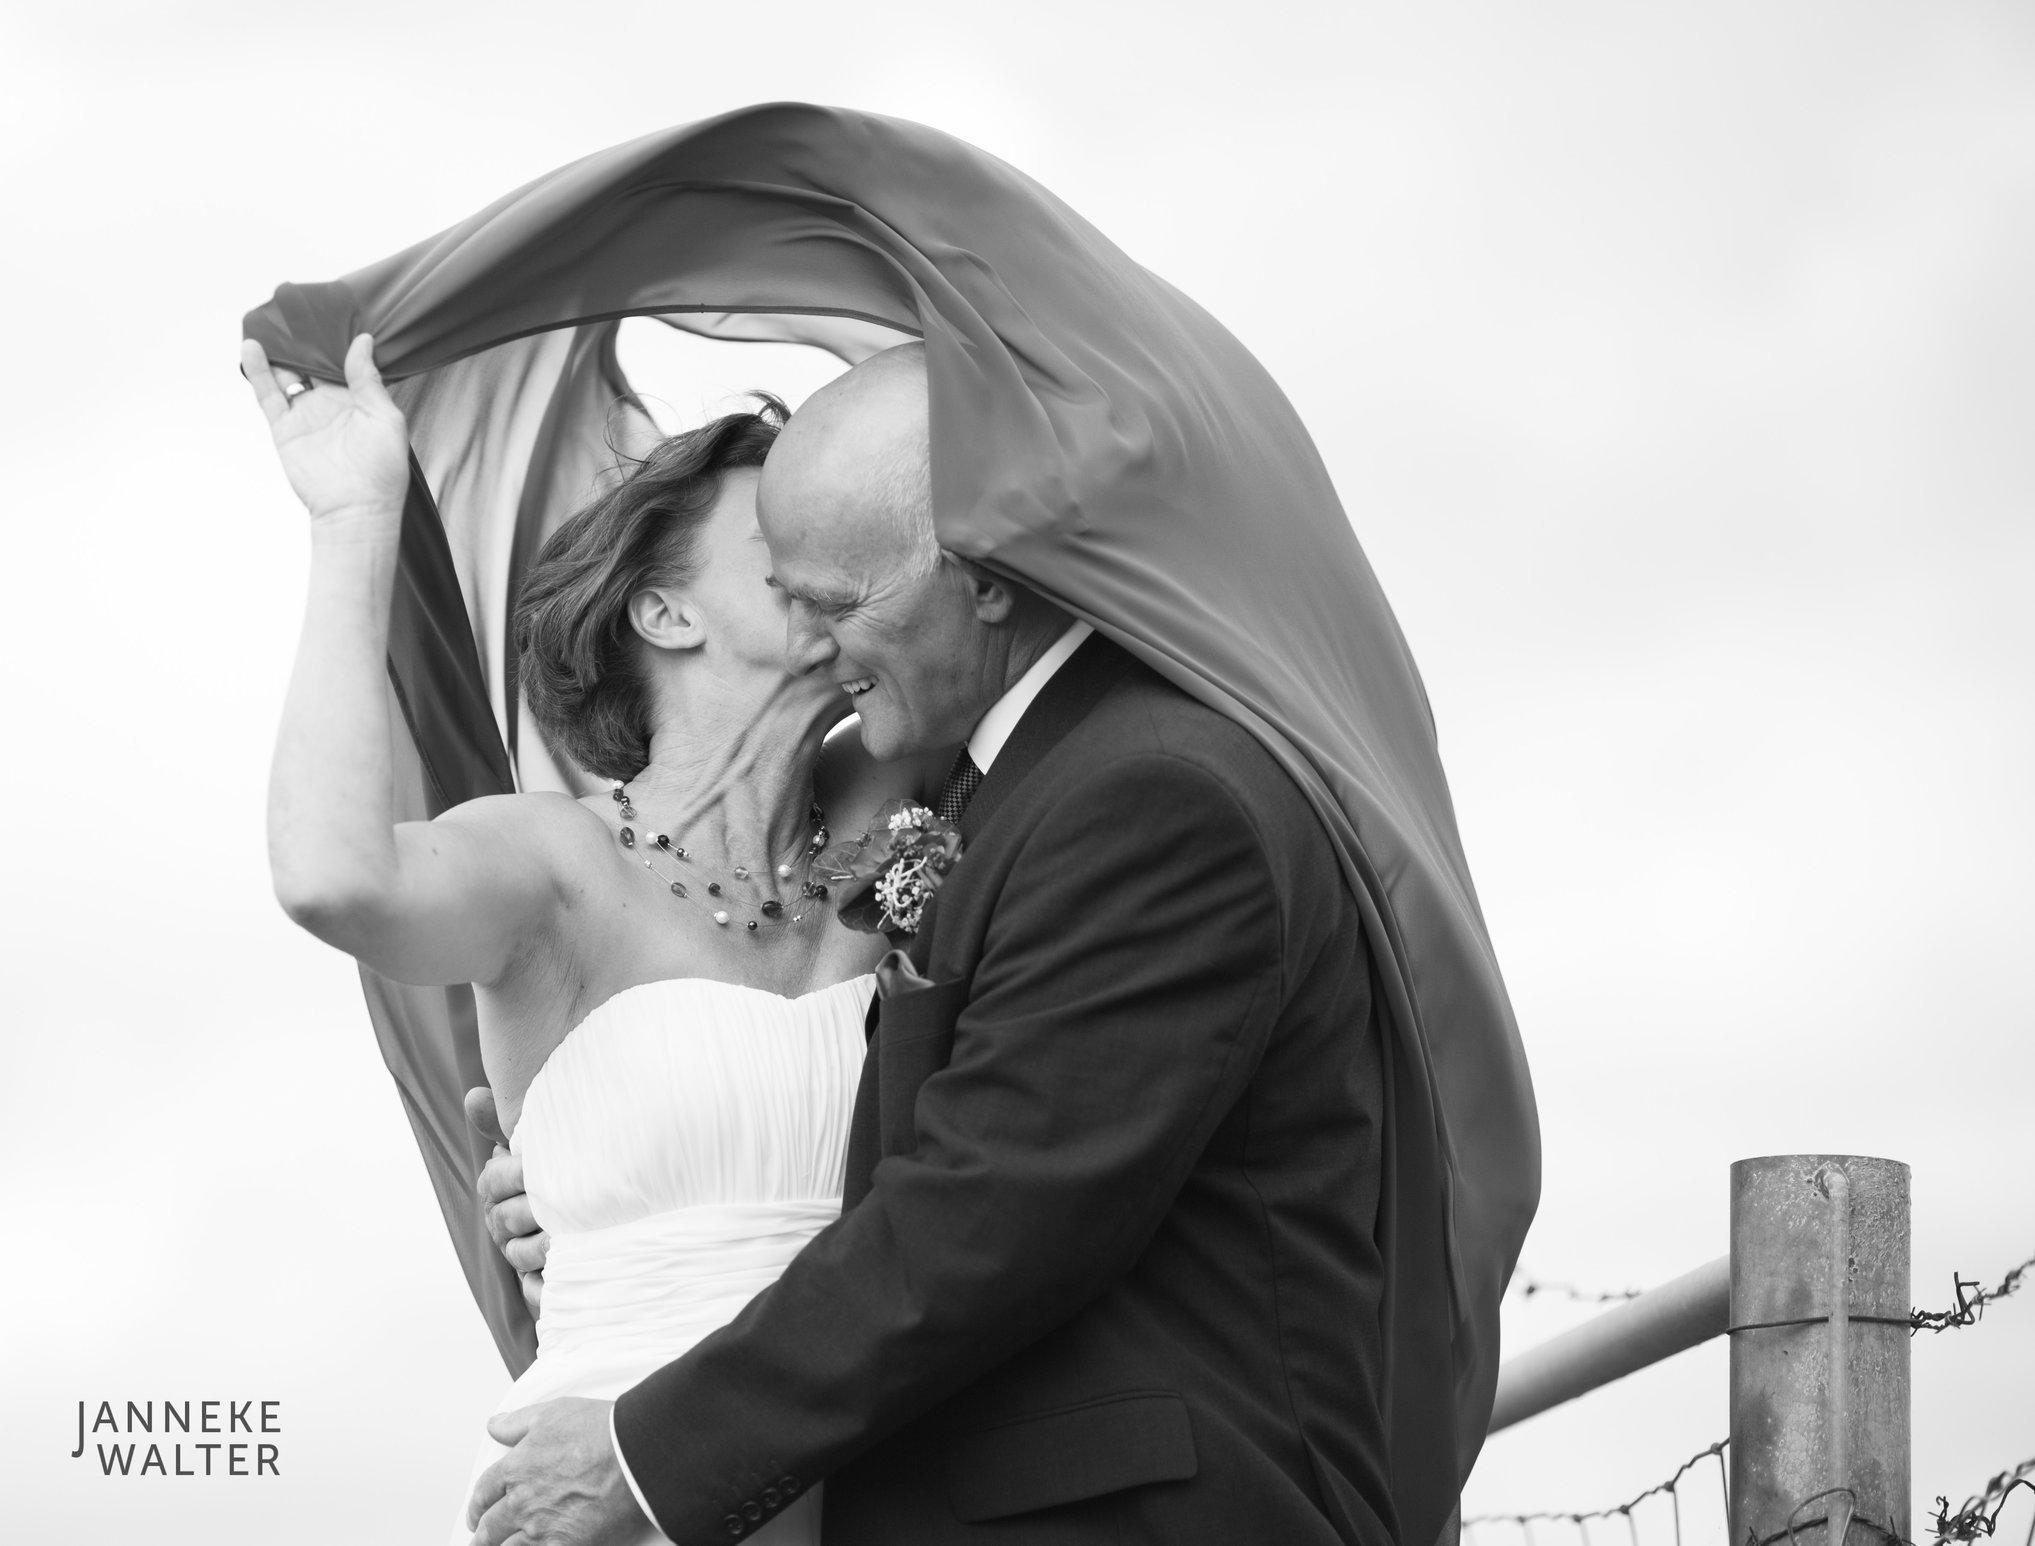 Portretfoto bruidspaar met stola in wind © Janneke Walter, fotograaf Utrecht De Bilt, loveshoot, bruidsfotografie, trouwfotografie